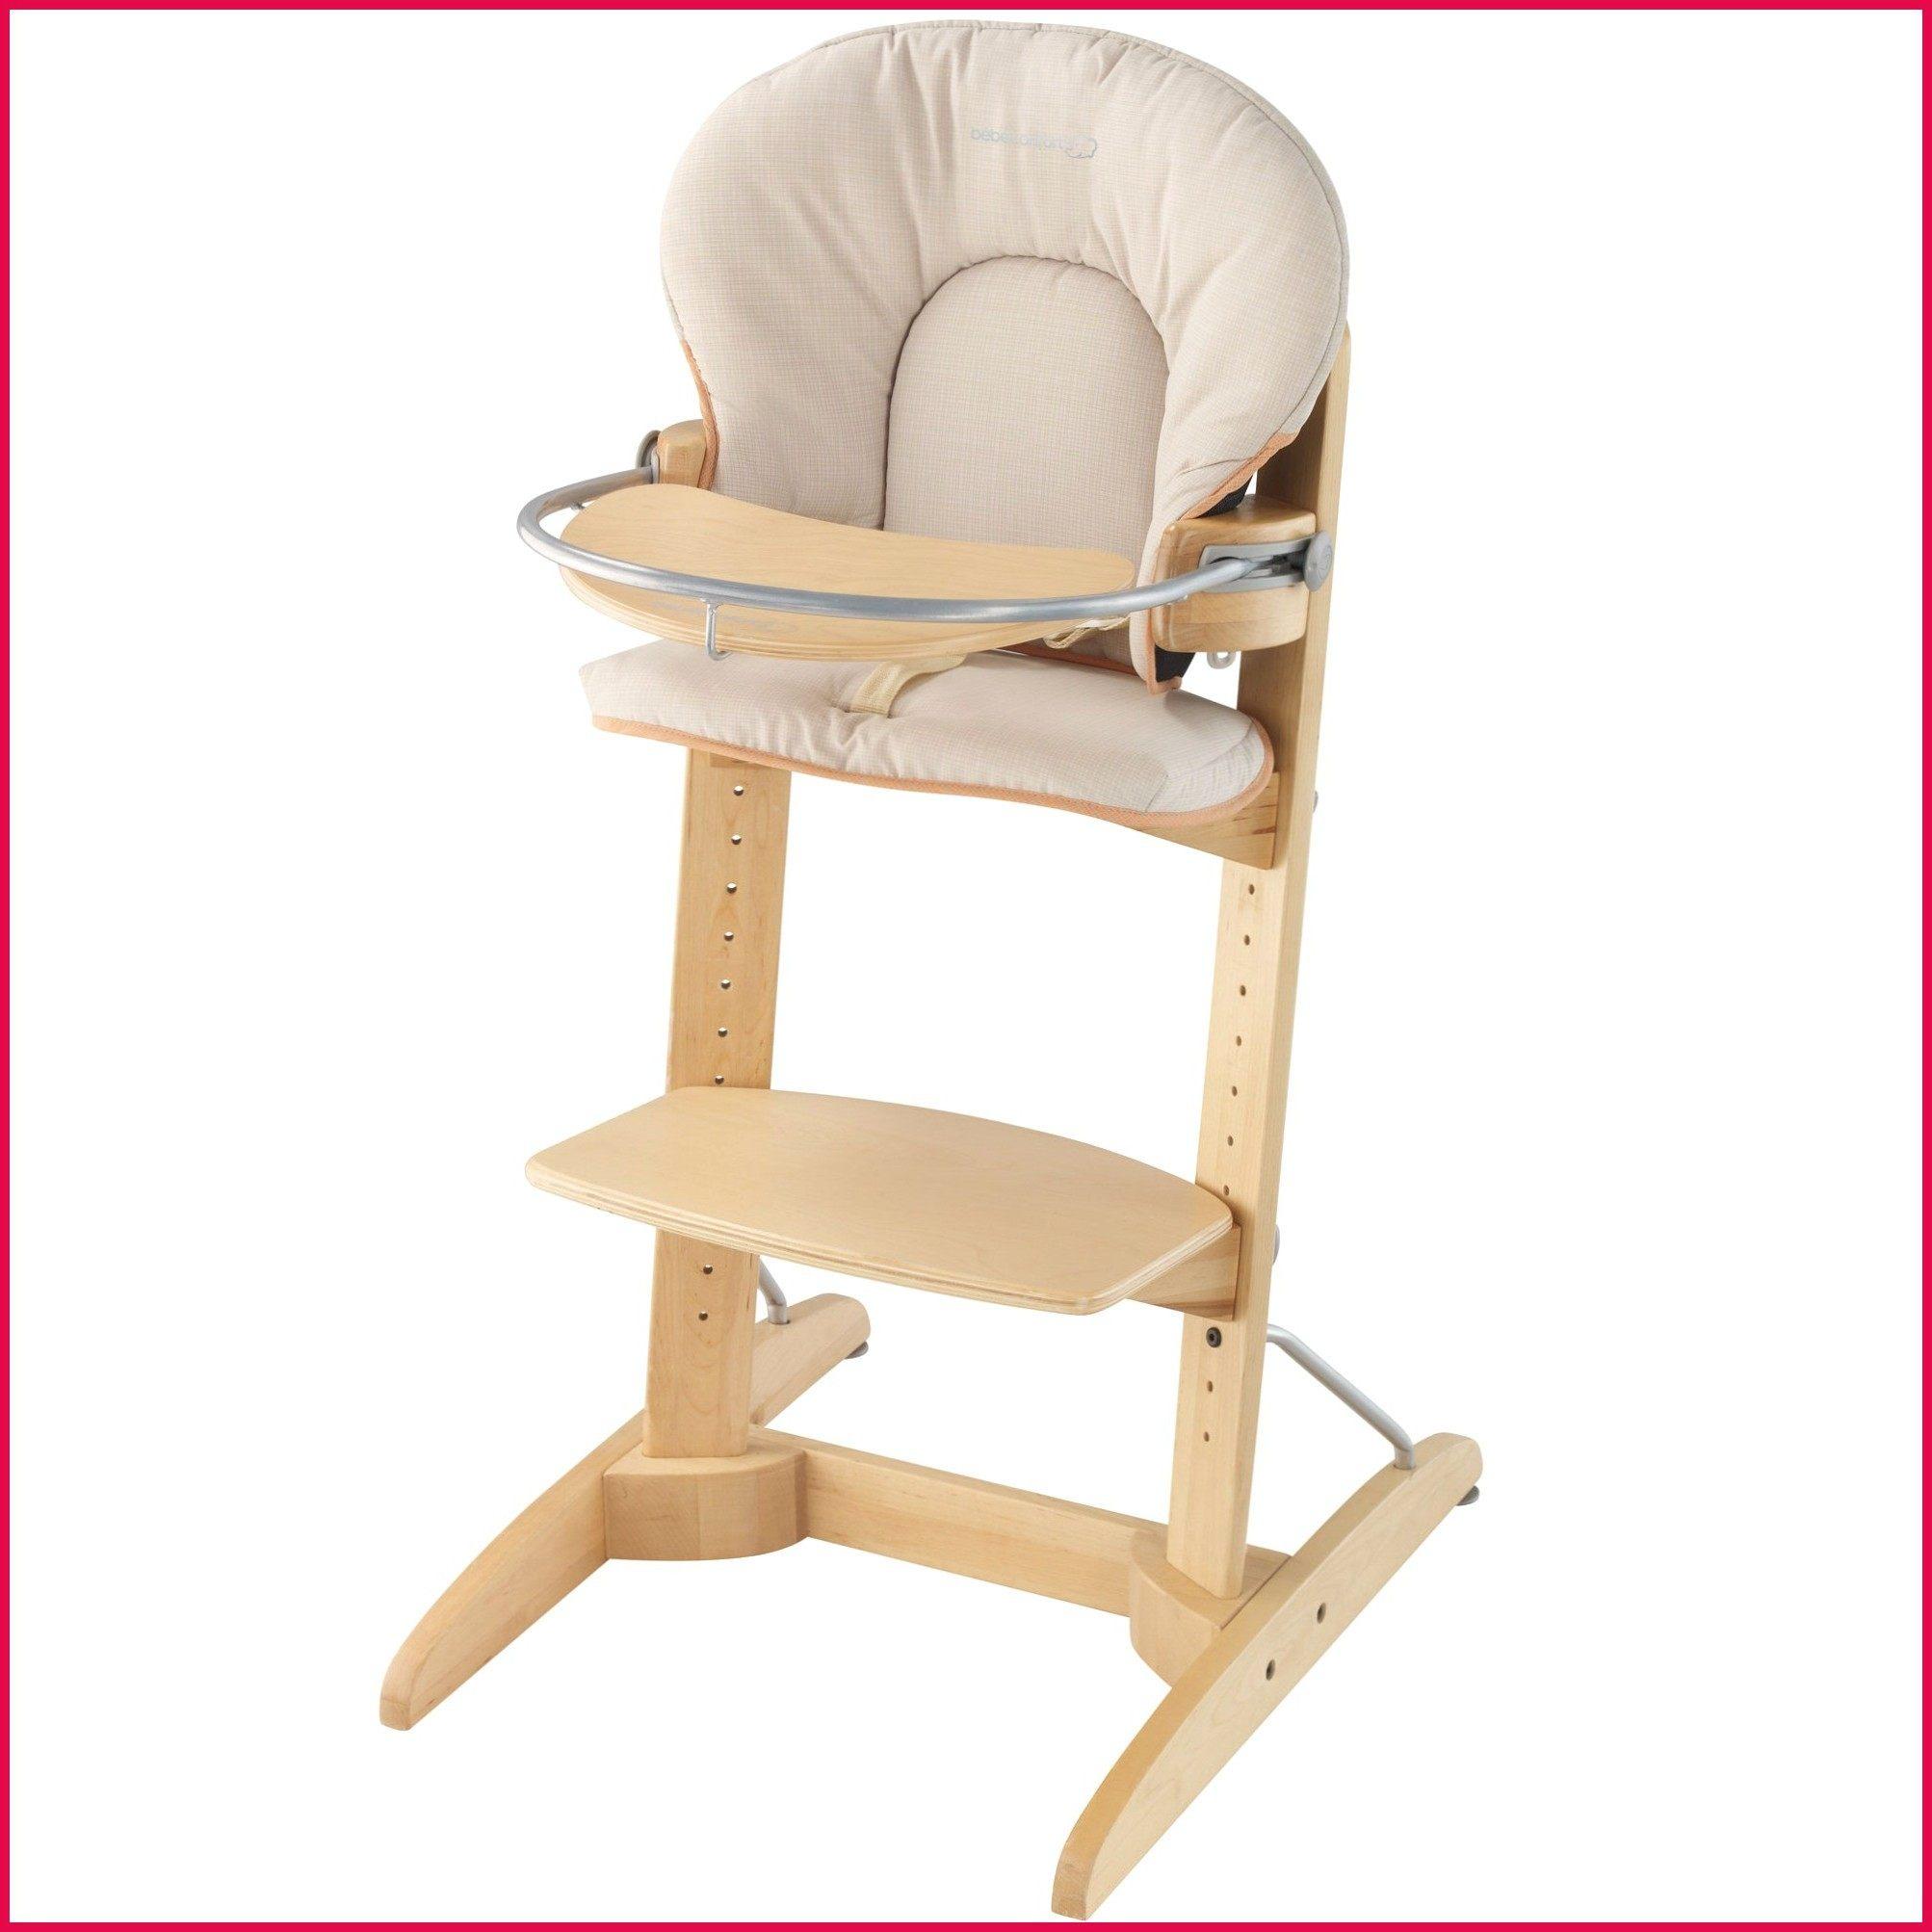 Lit Bébé Chicco Inspirant Chaise Haute Pliante Bébé Inspirational Chaise Chaise Haute Pliante